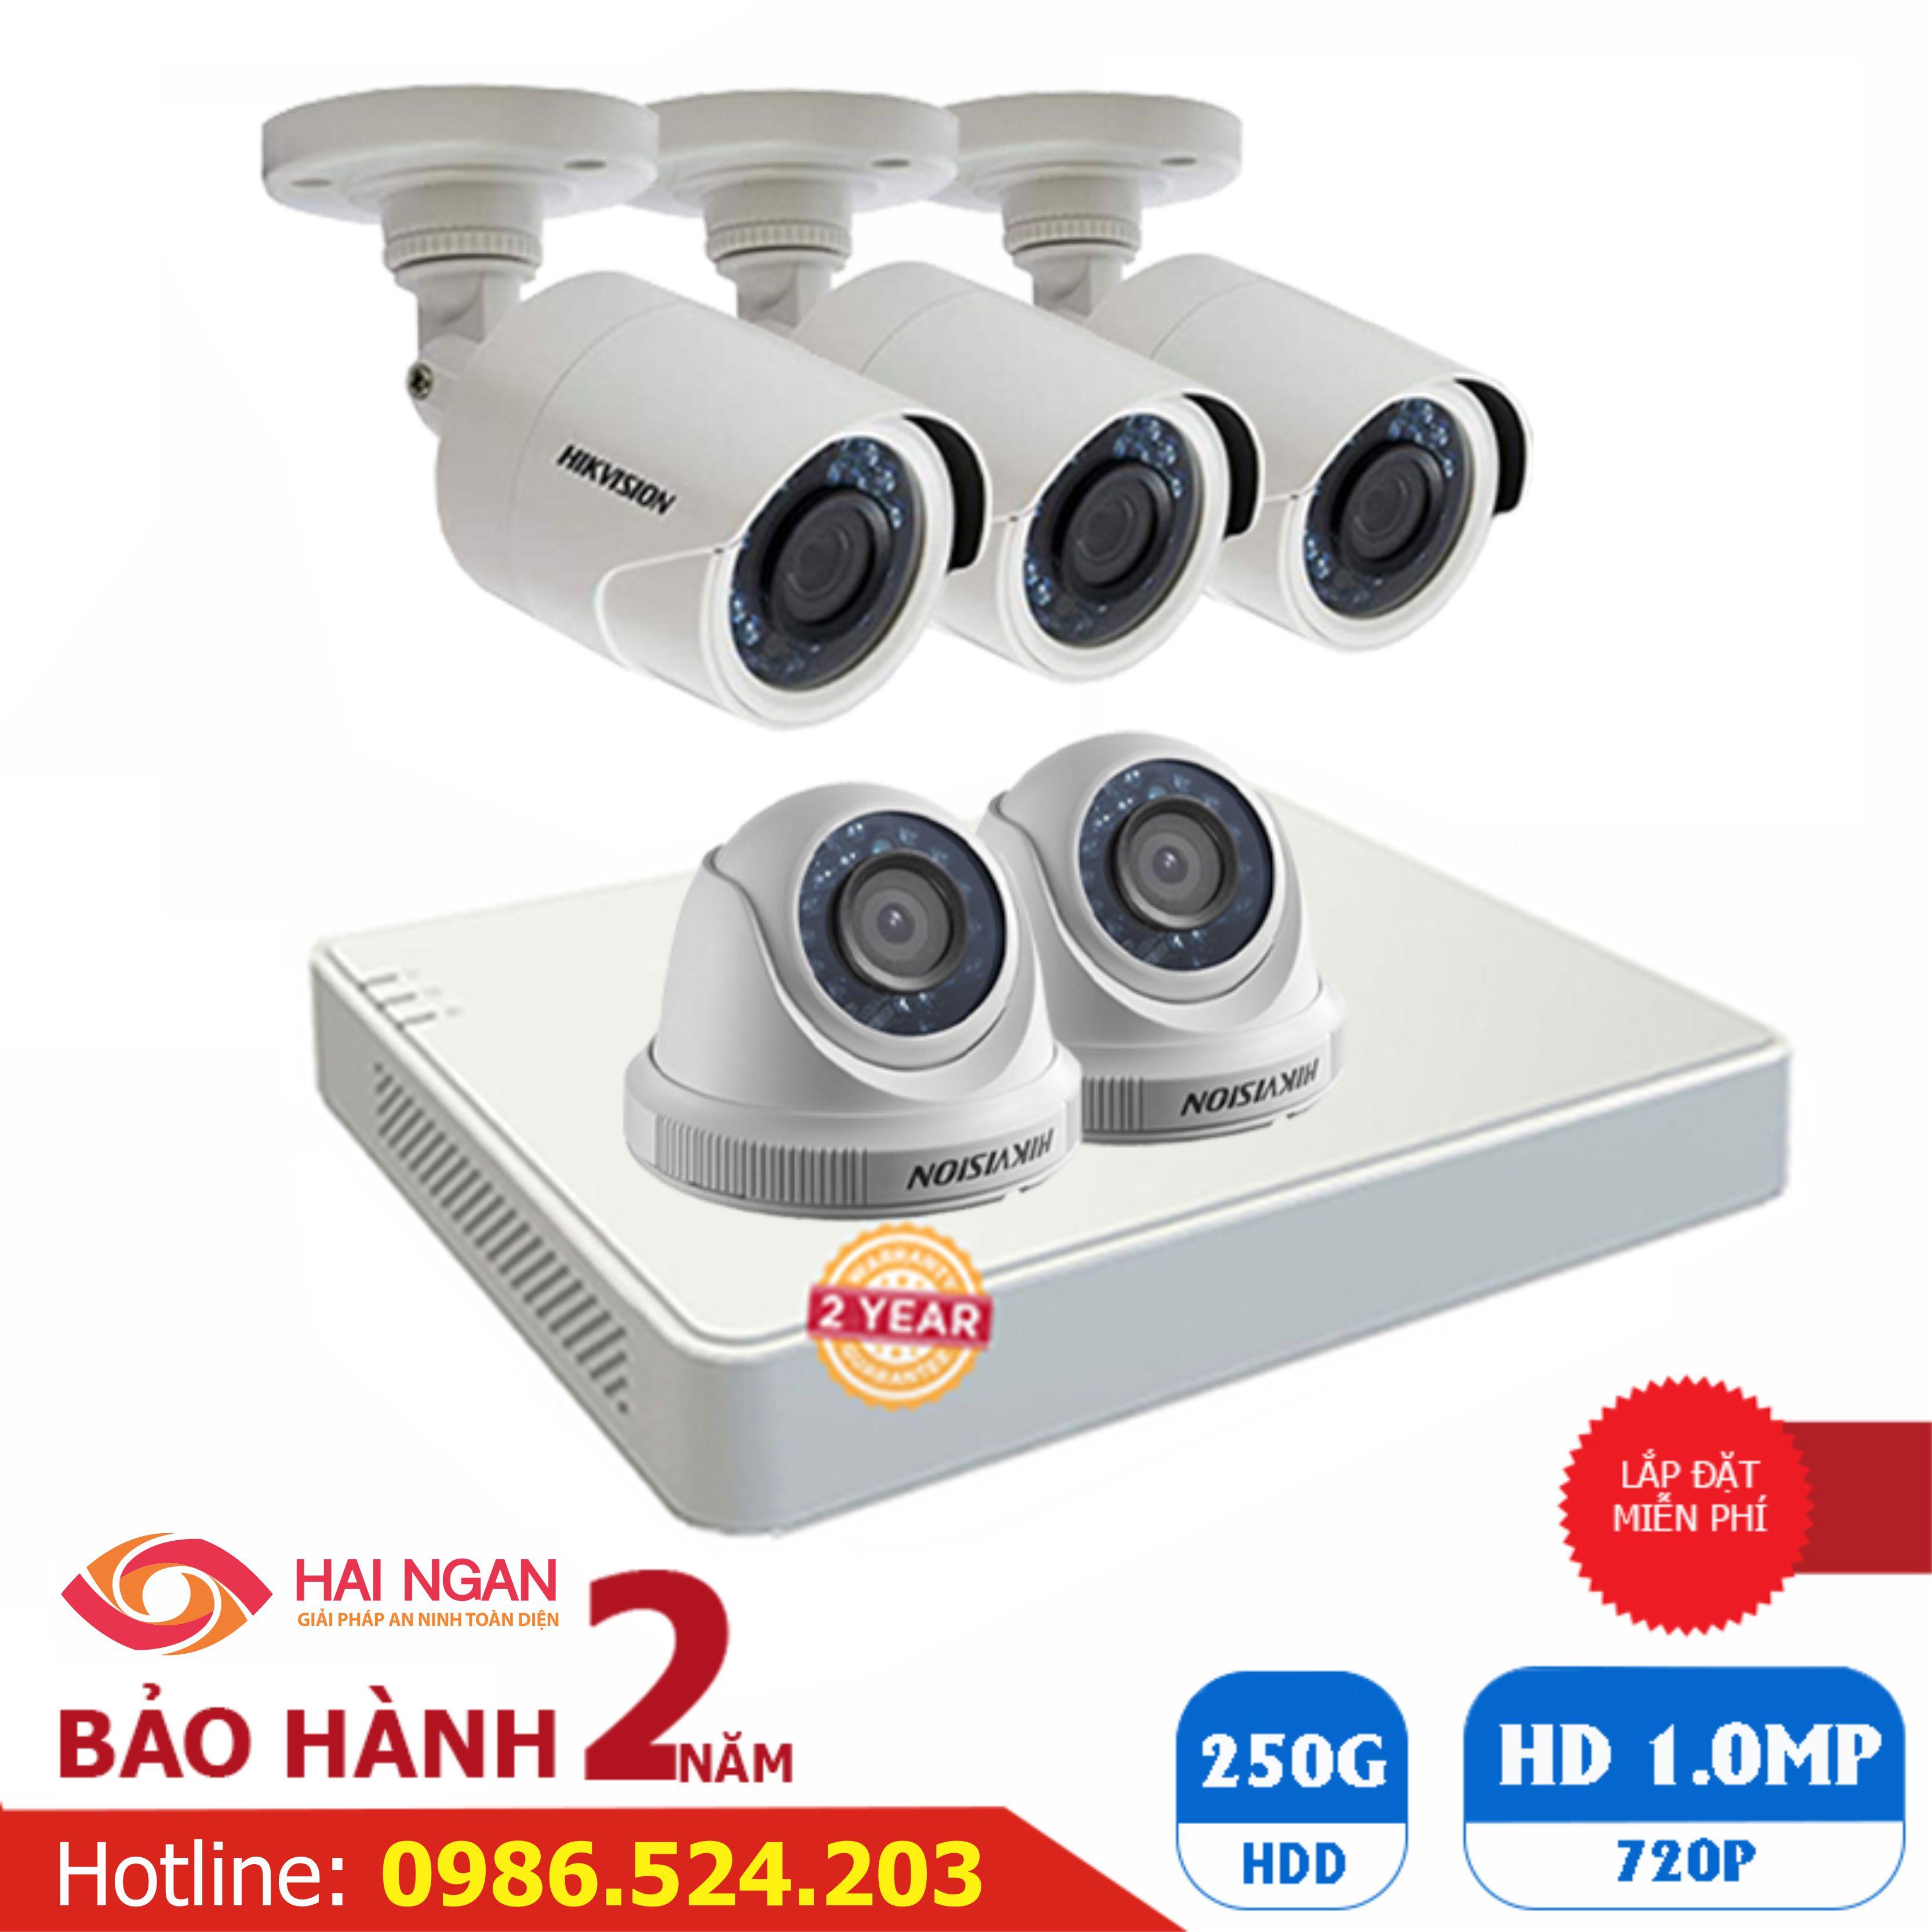 Lắp Đặt Trọn Bộ 05 Camera Giám Sát Hikvision HD HN-5CE565C0T